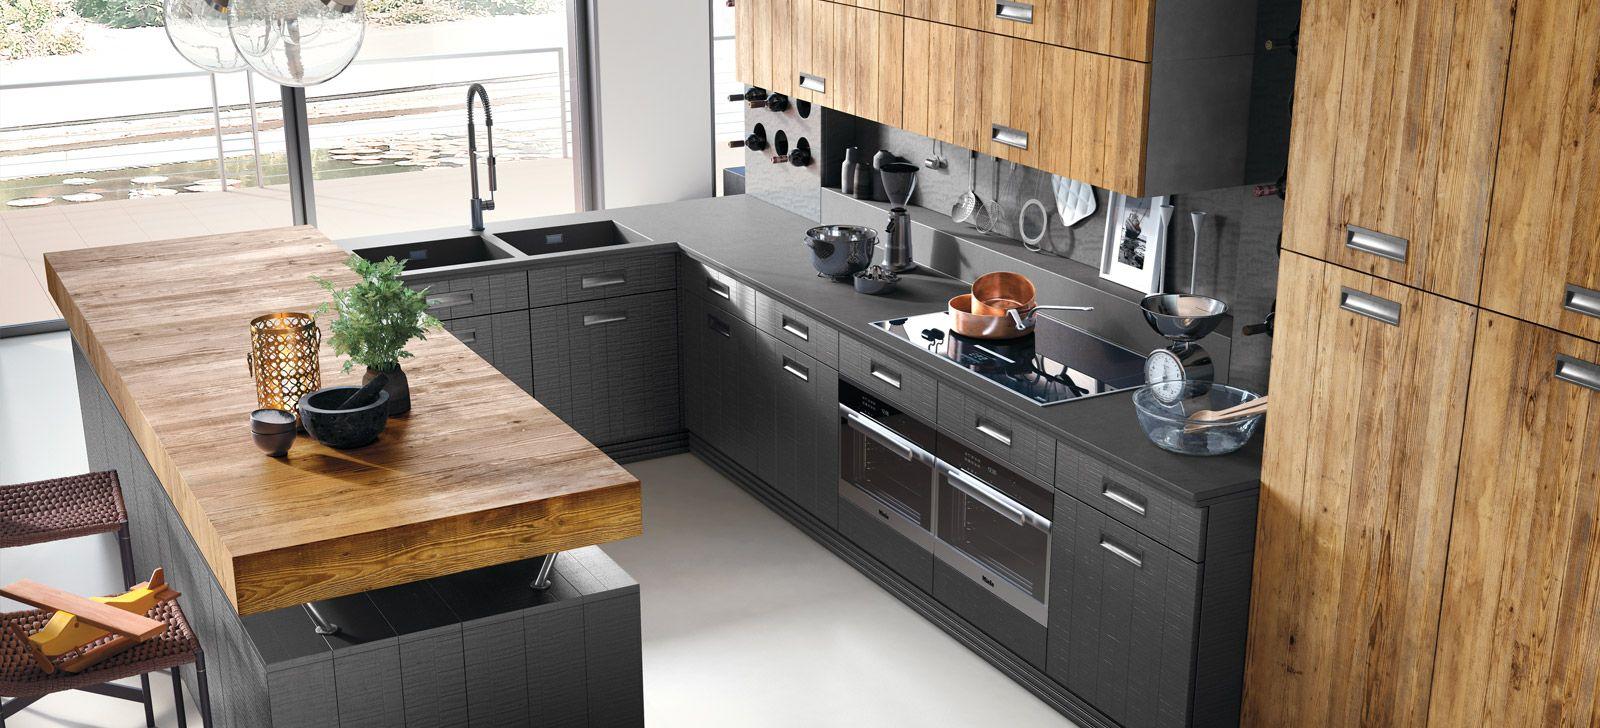 LAB40 Cocinas de casa, Diseño de cocina, Cocinas